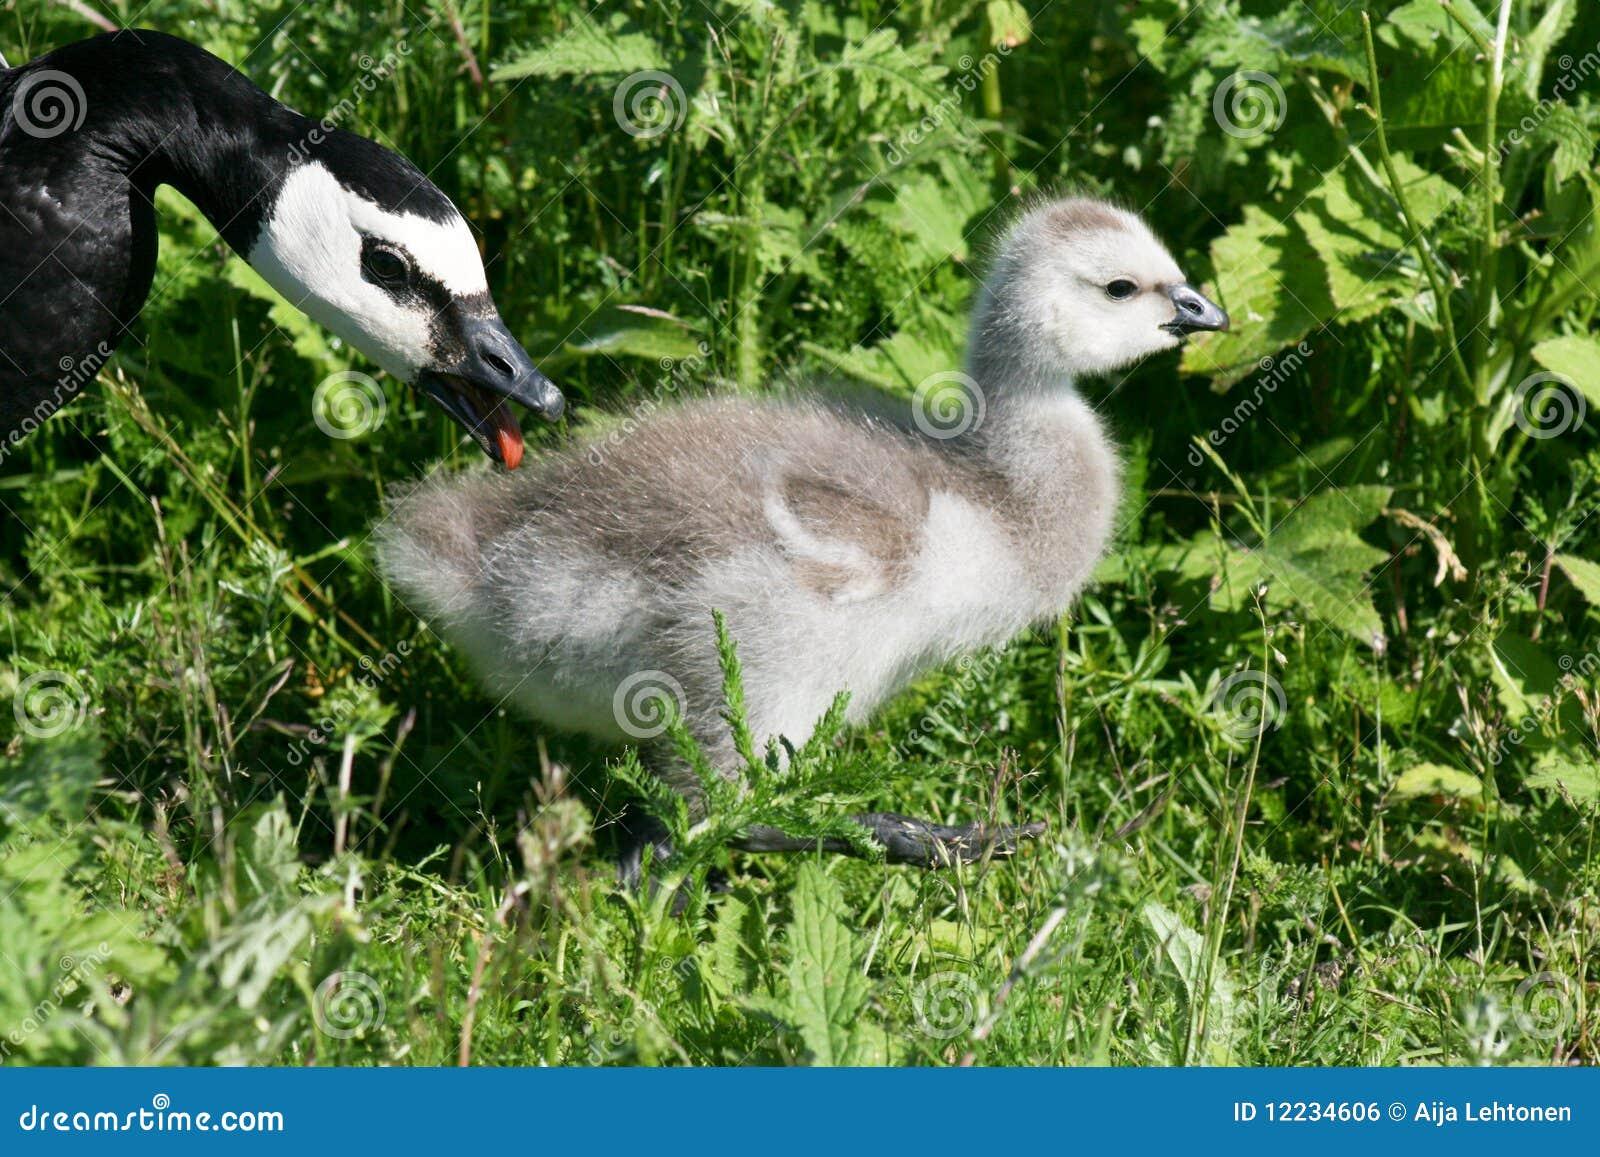 加拿大鹅图片